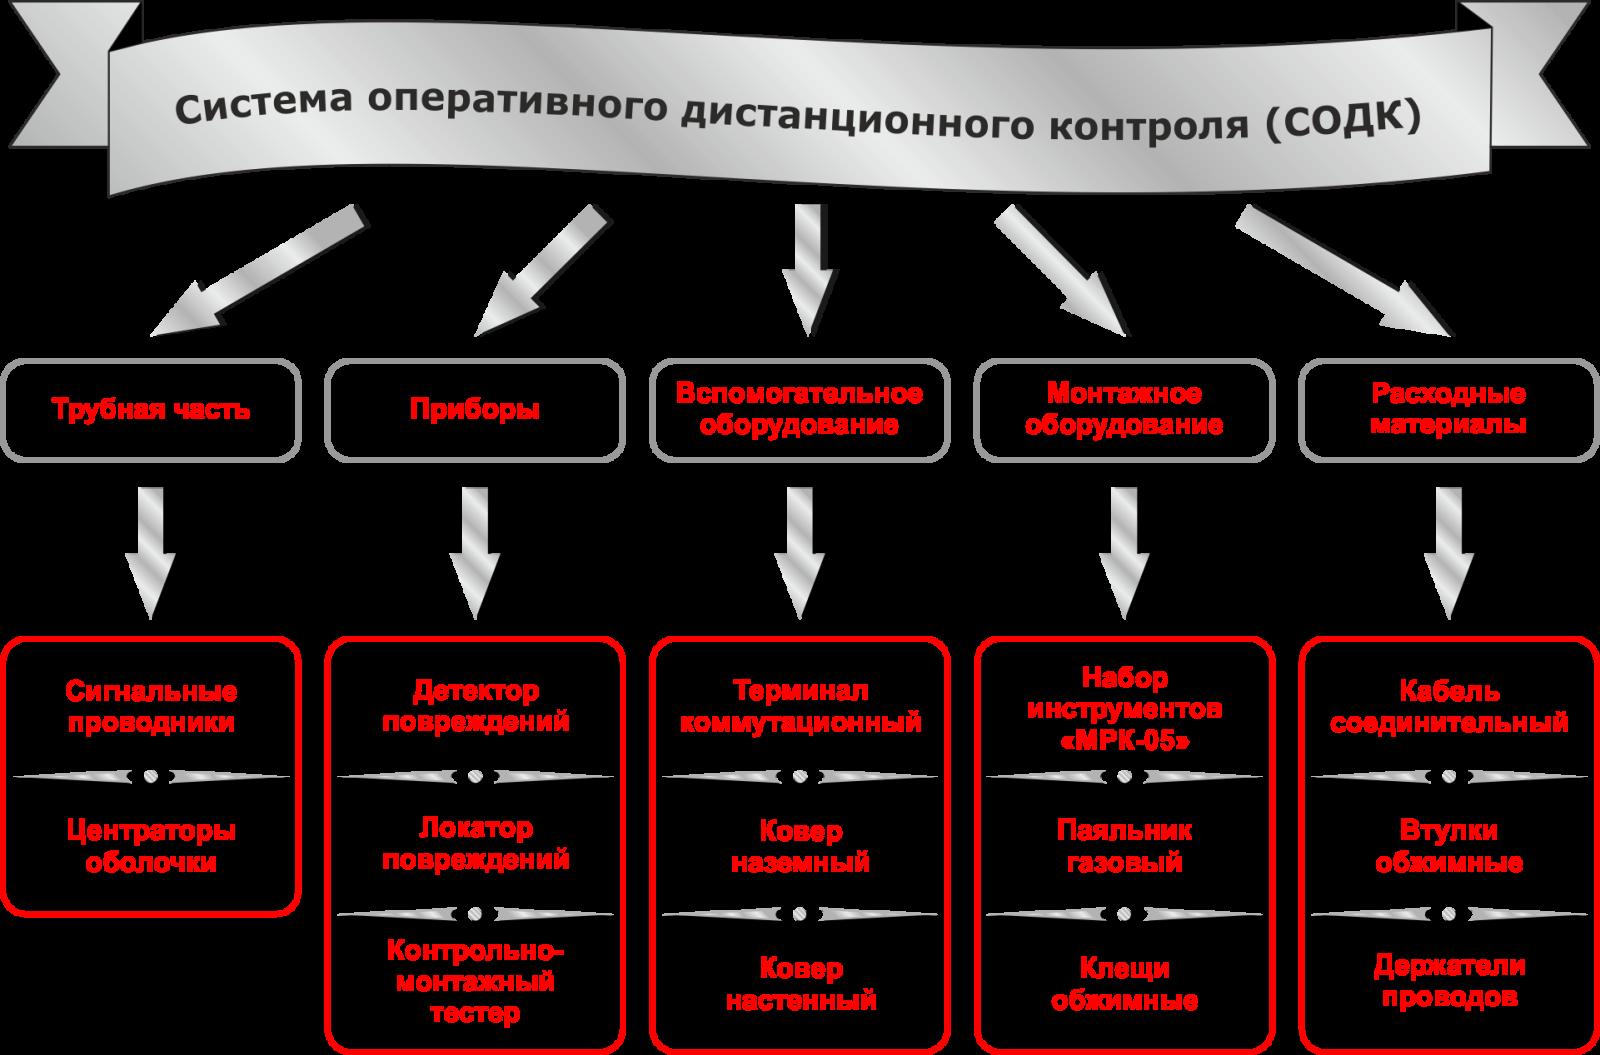 СОДК— система оперативного дистанционного контроля